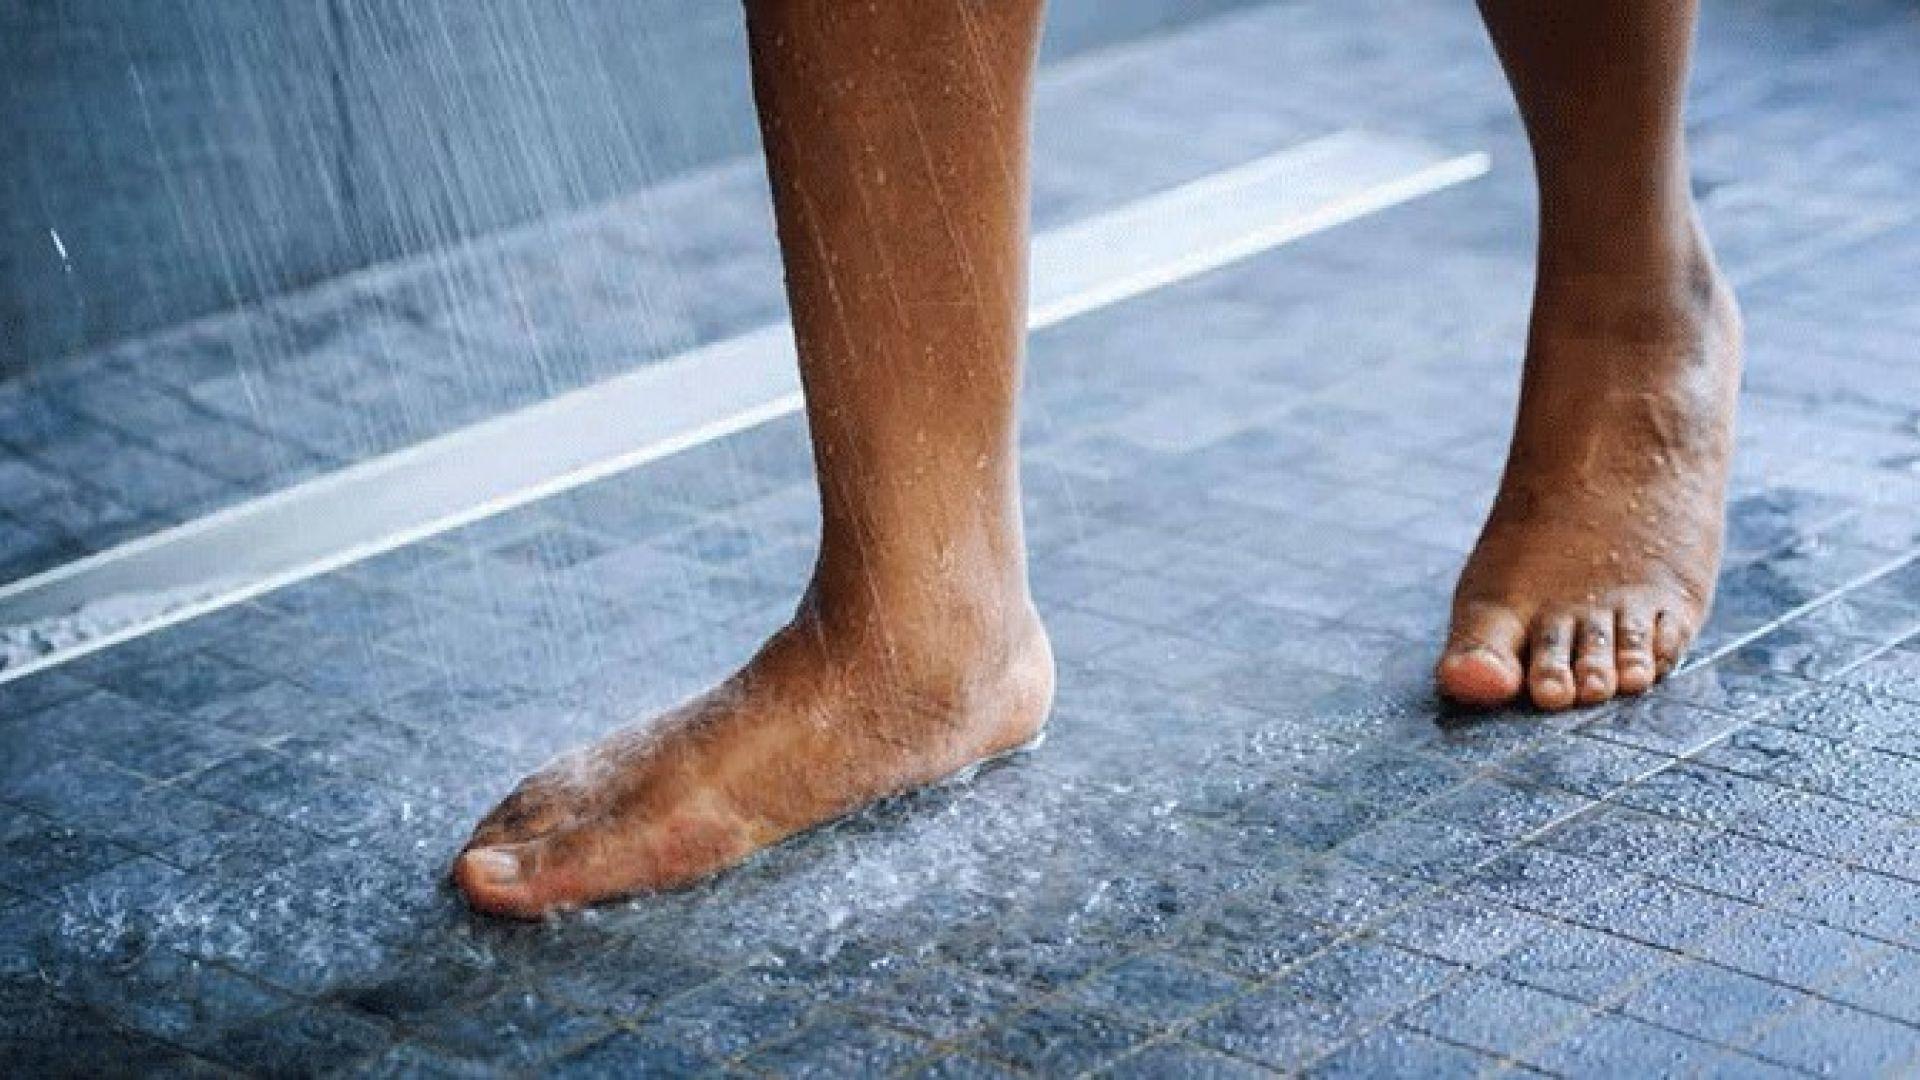 Tegels Badkamer Plaatsen : Het plaatsen van tegels in een badkamer saint gobain weber beamix